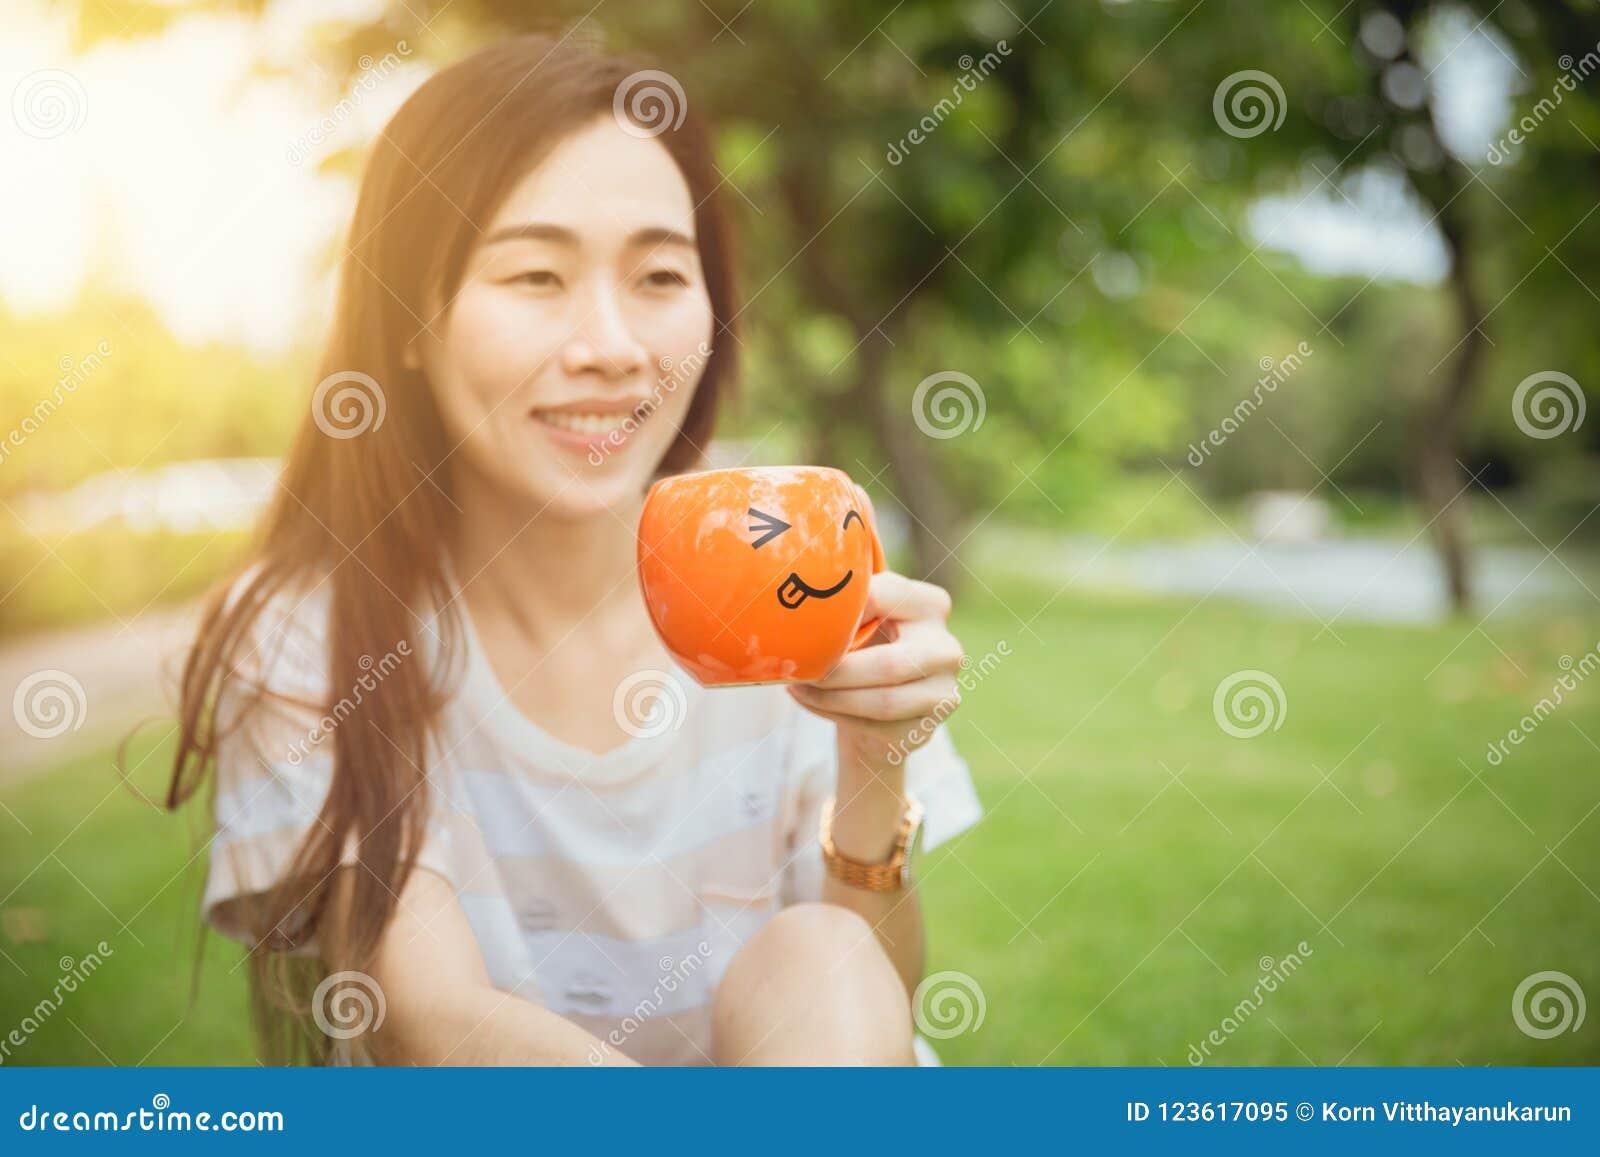 Girl teen hand holding smile mug for hot drink morning